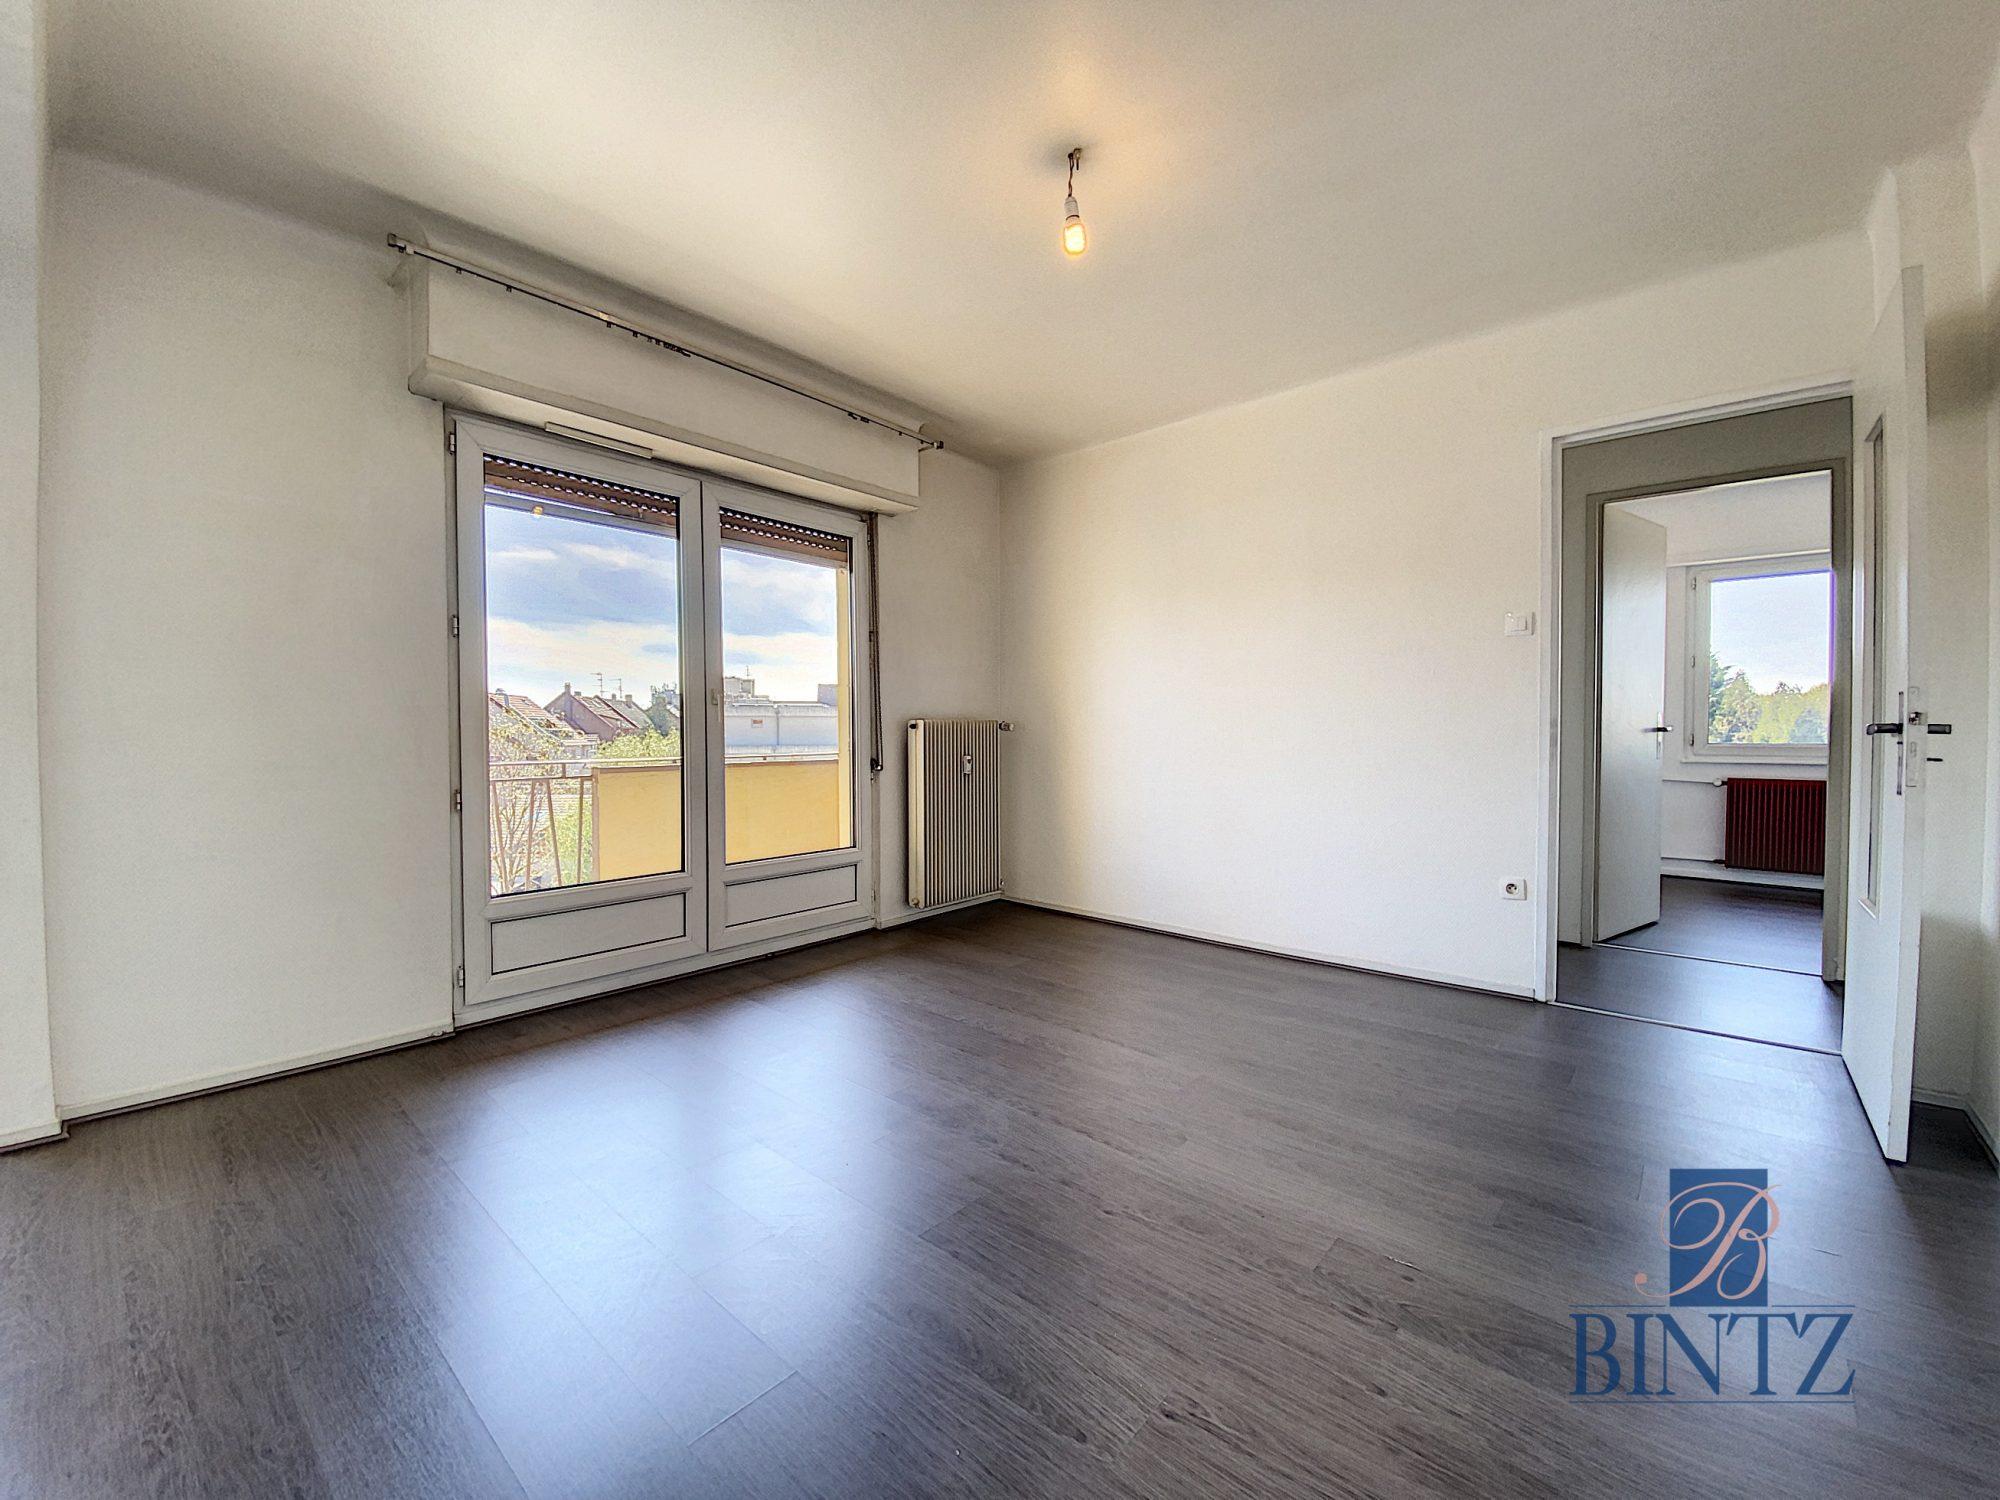 3P MONTAGNE VERTE - Devenez locataire en toute sérénité - Bintz Immobilier - 4